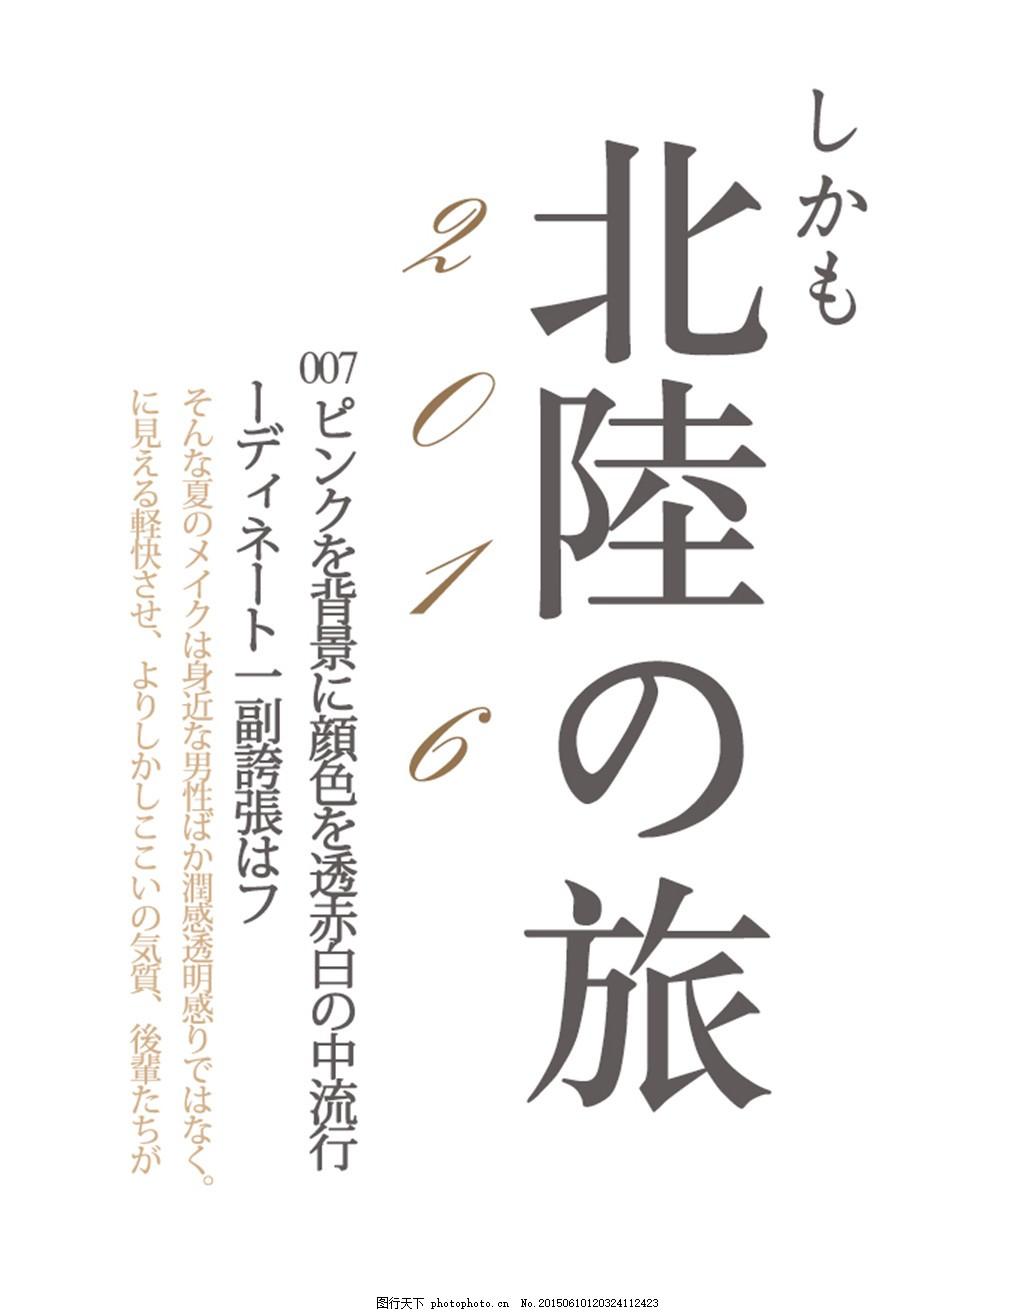 日本排版样式 日文排版 文字排版 排版设计 日系字体排版 封面排版图片